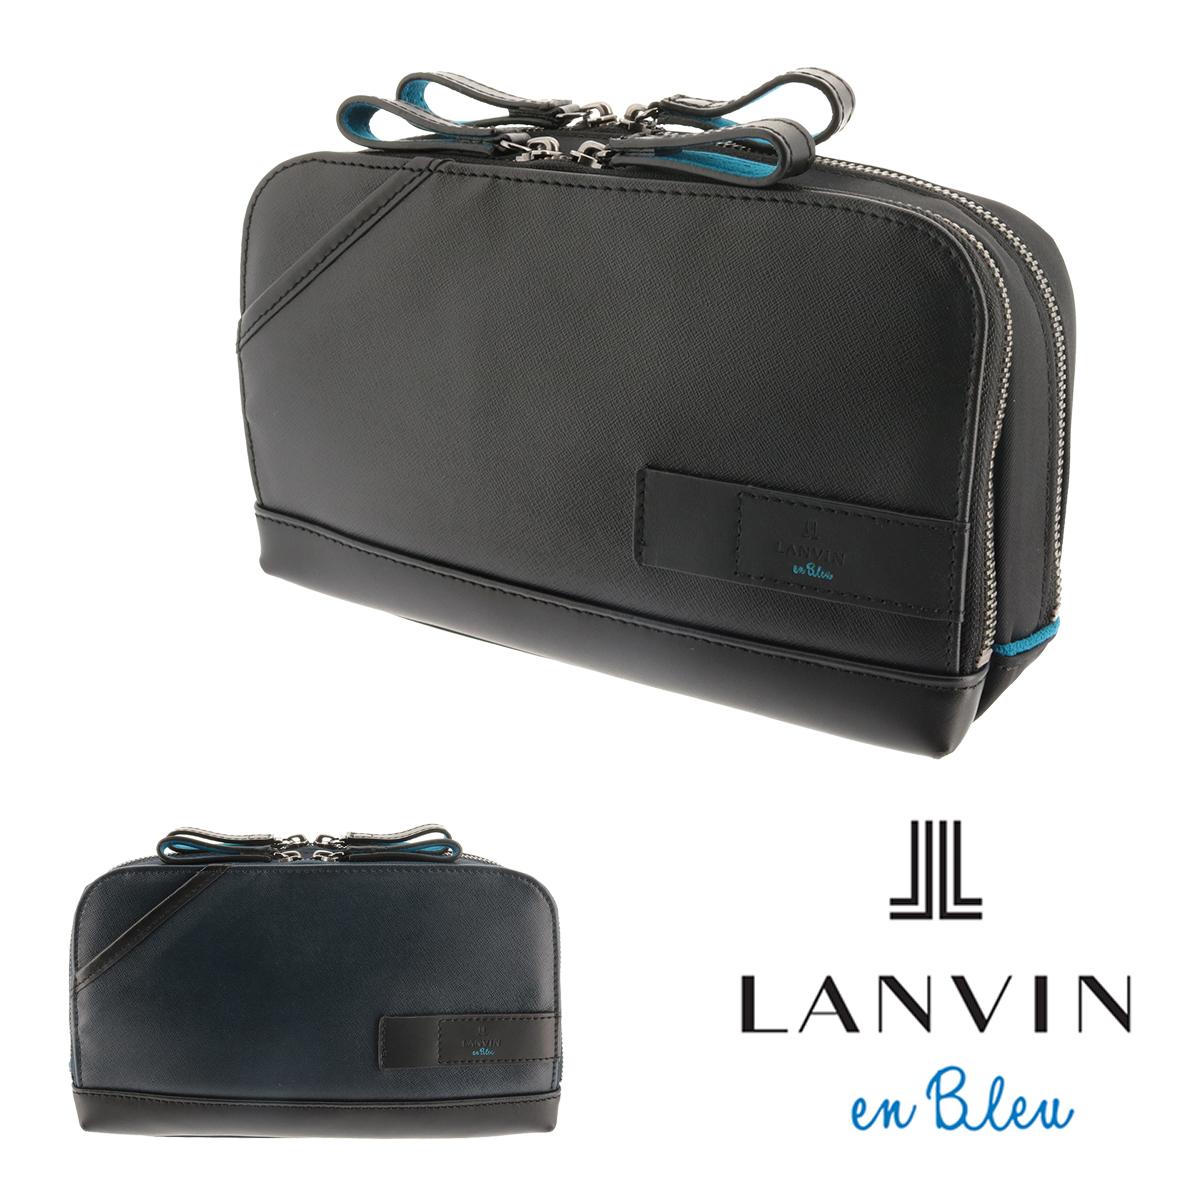 ランバンオンブルー セカンドバッグ メンズ パラドックス 572101 LANVIN en Bleu ショルダー付き 本革 レザー スマートクラッチ 多機能 [bef][PO10][即日発送]